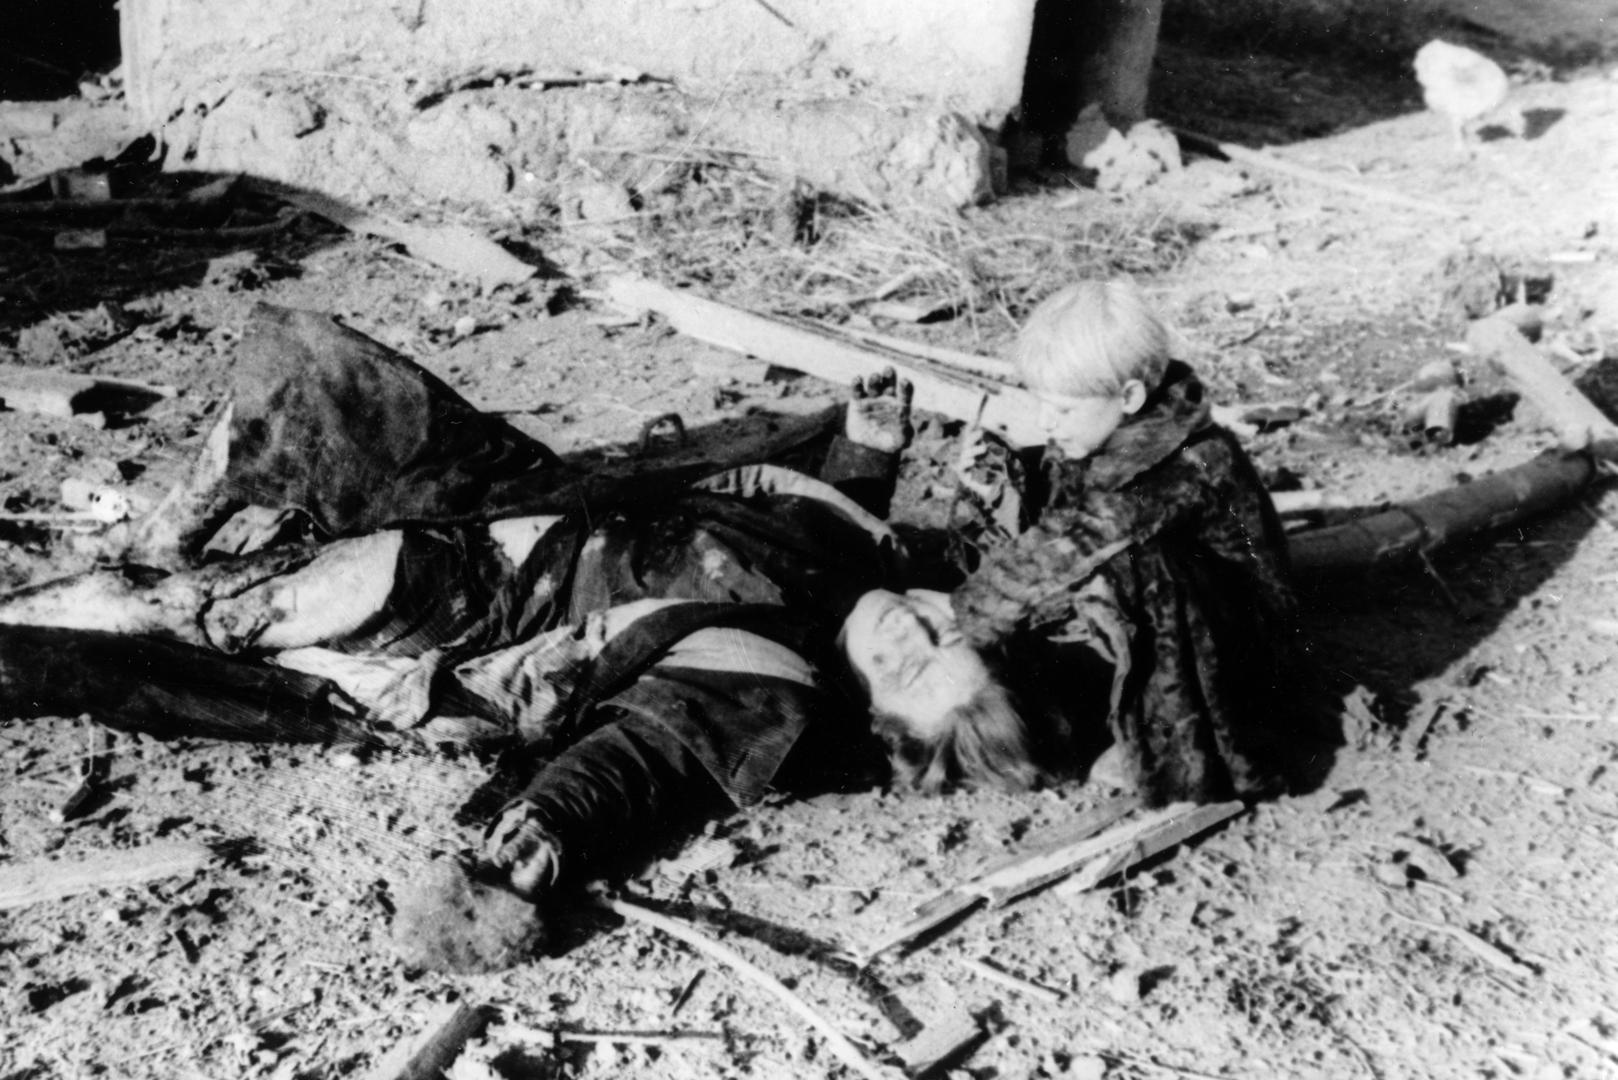 Der Zweite Krieg forderte Millionen von Opfer und hinterließ unzählige tragische Schicksale